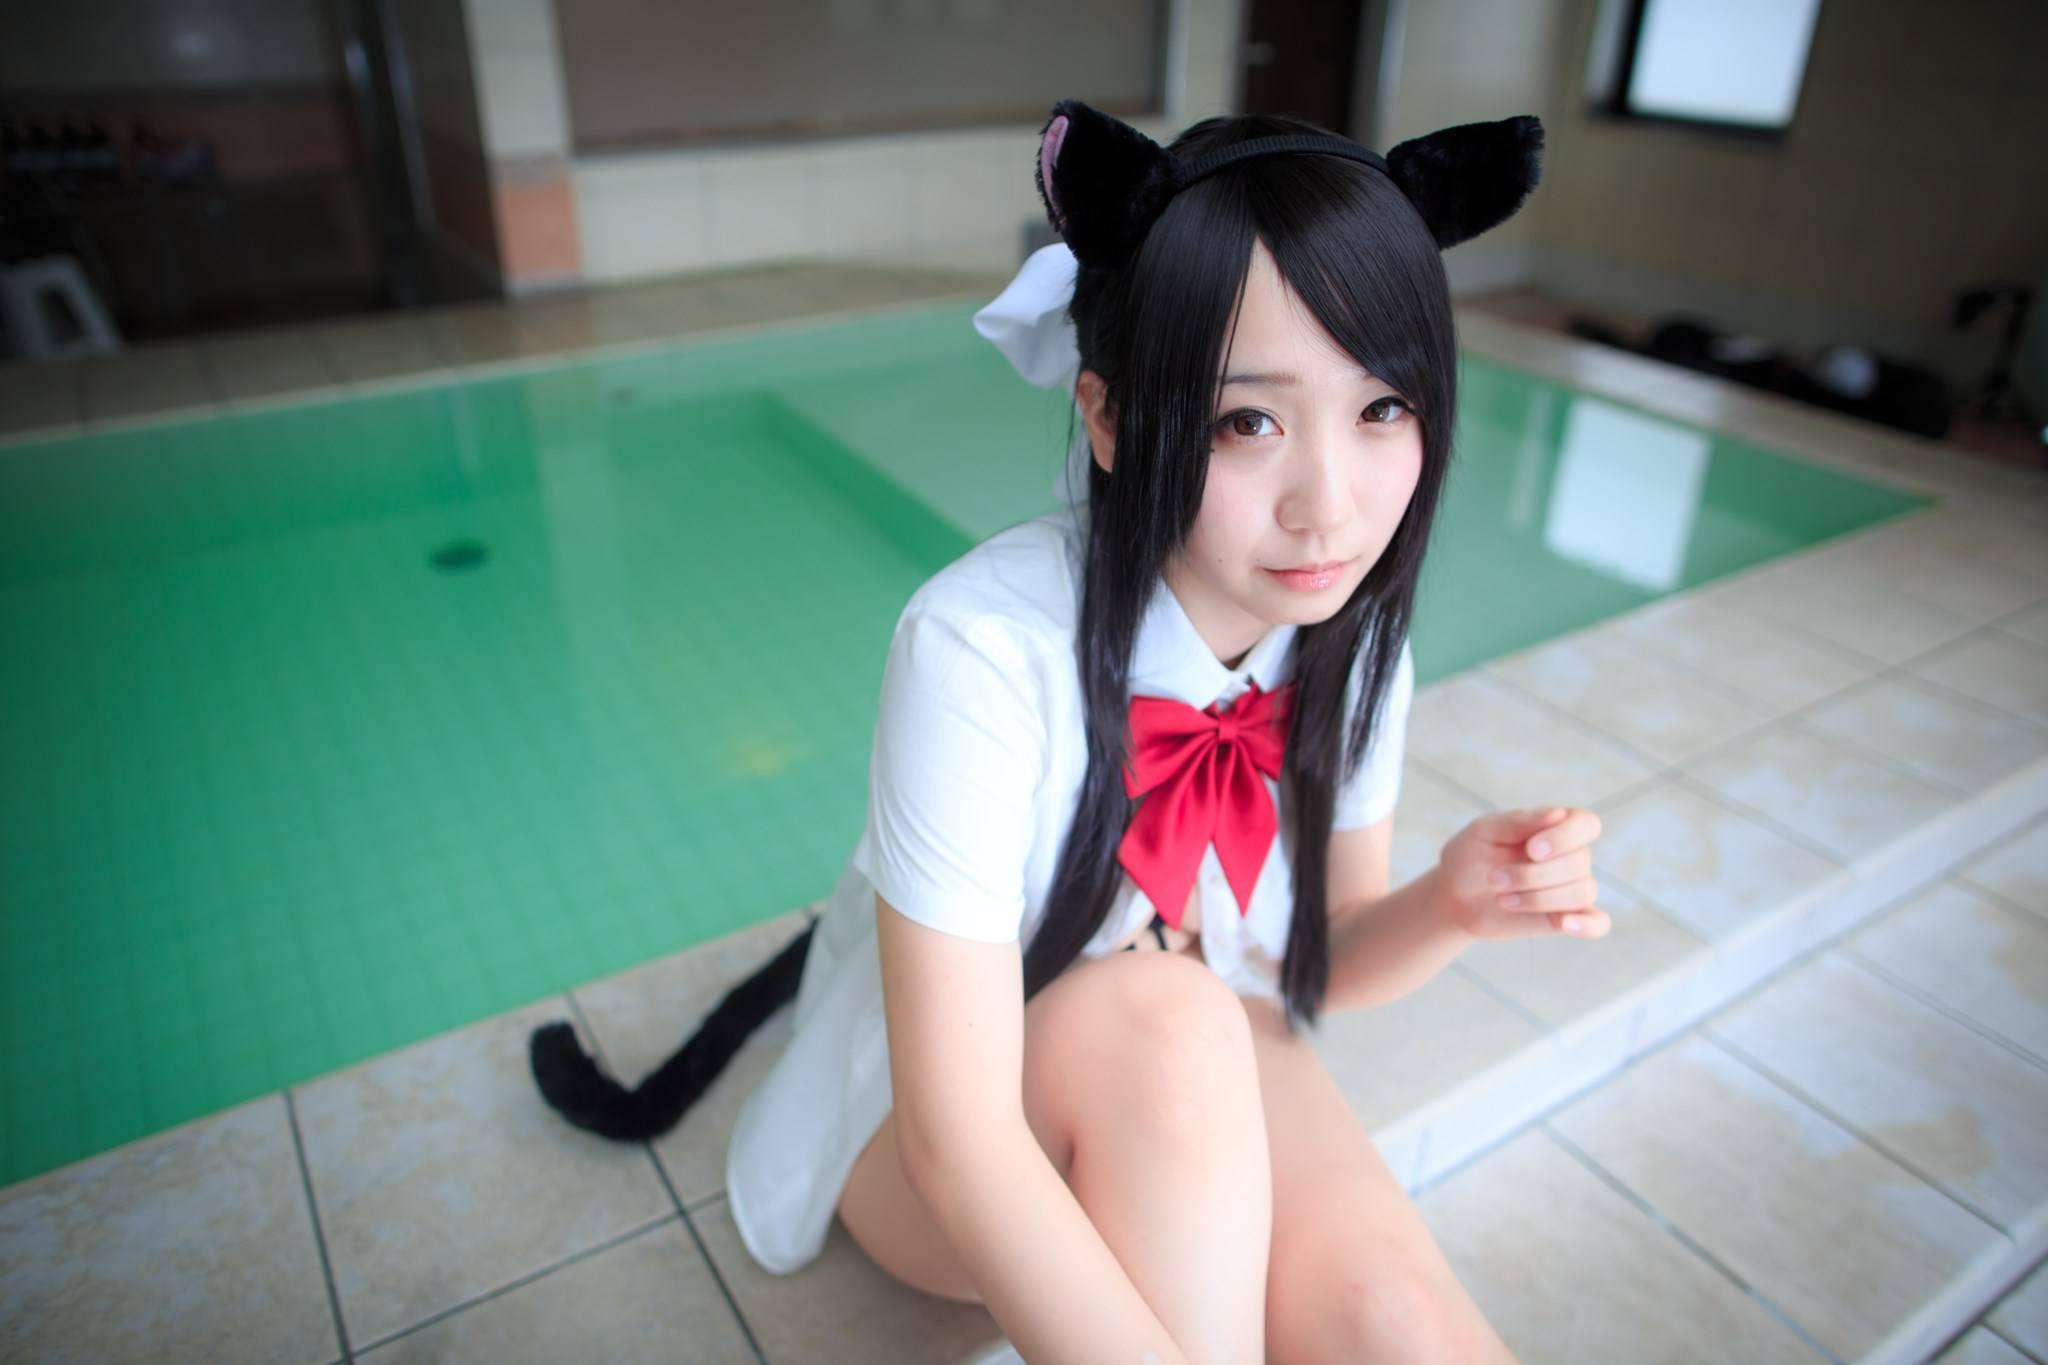 [套圖]美女穿貓咪內衣 C90ROM完成 娜娜與小奧